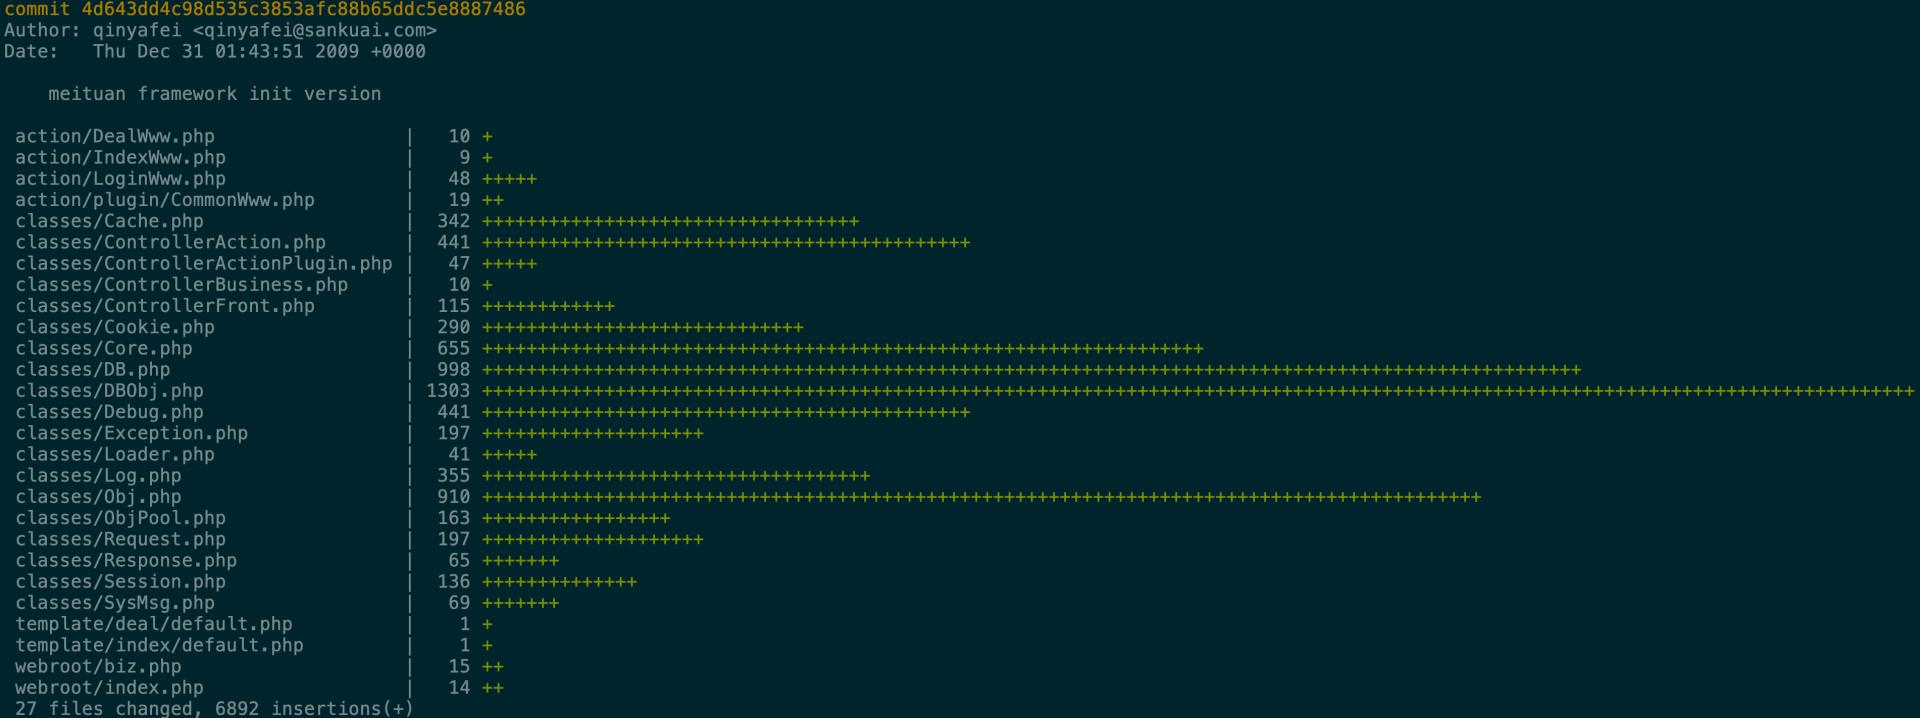 美团网第一次提交的代码统计:文件一共27个,代码量6892行